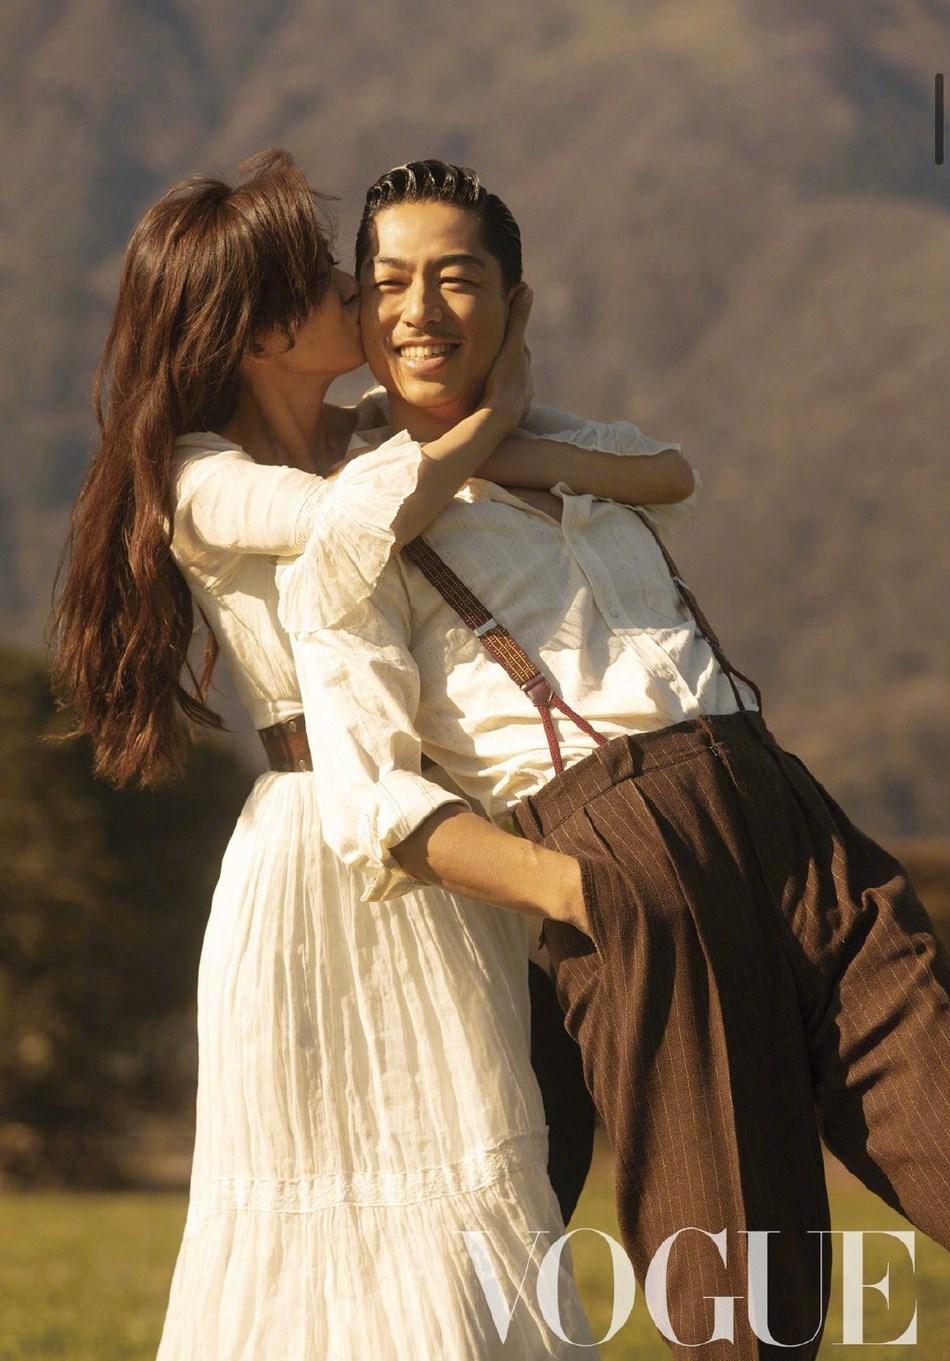 林志玲上Akira封面 亲密坐老公腿上画面甜蜜感十足